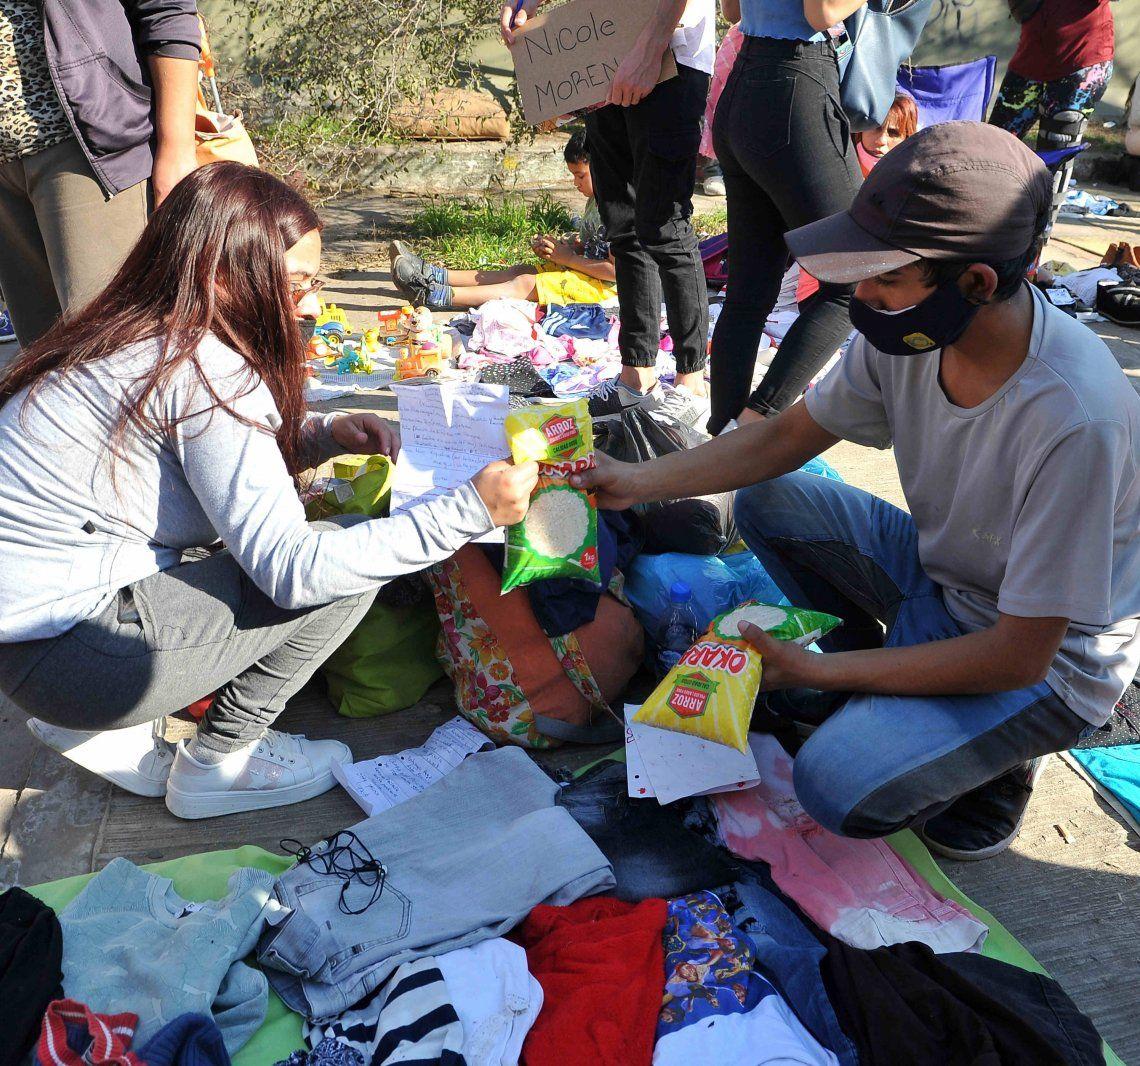 La crisis llevó a que se busque el trueque de servicios y de alimentos por ropa u otros bienes.